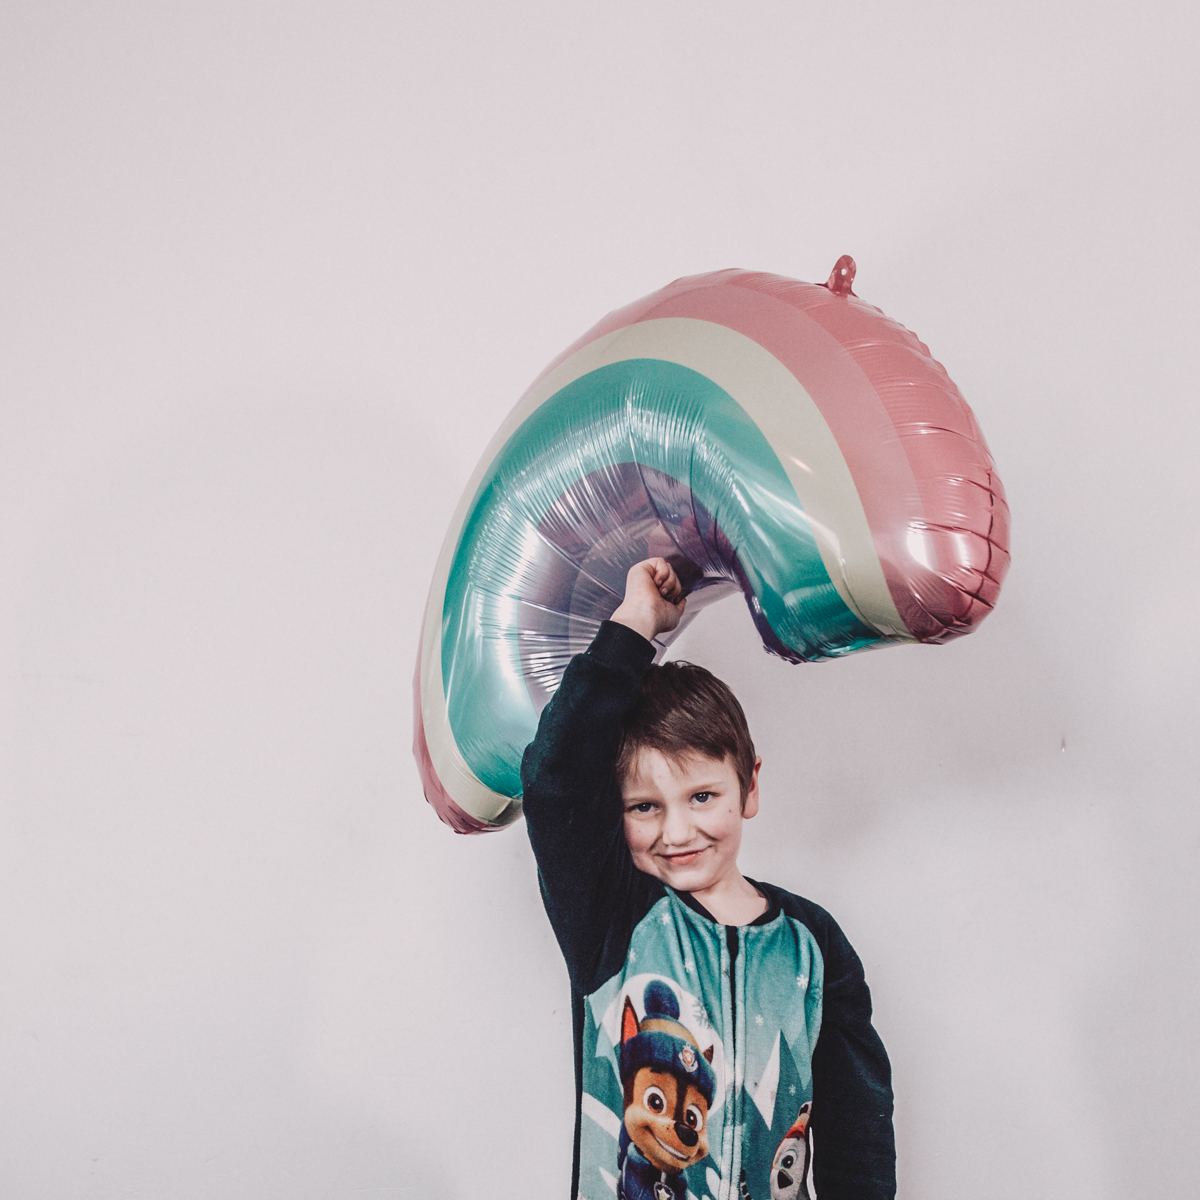 Mijn zoon heeft autisme en adhd